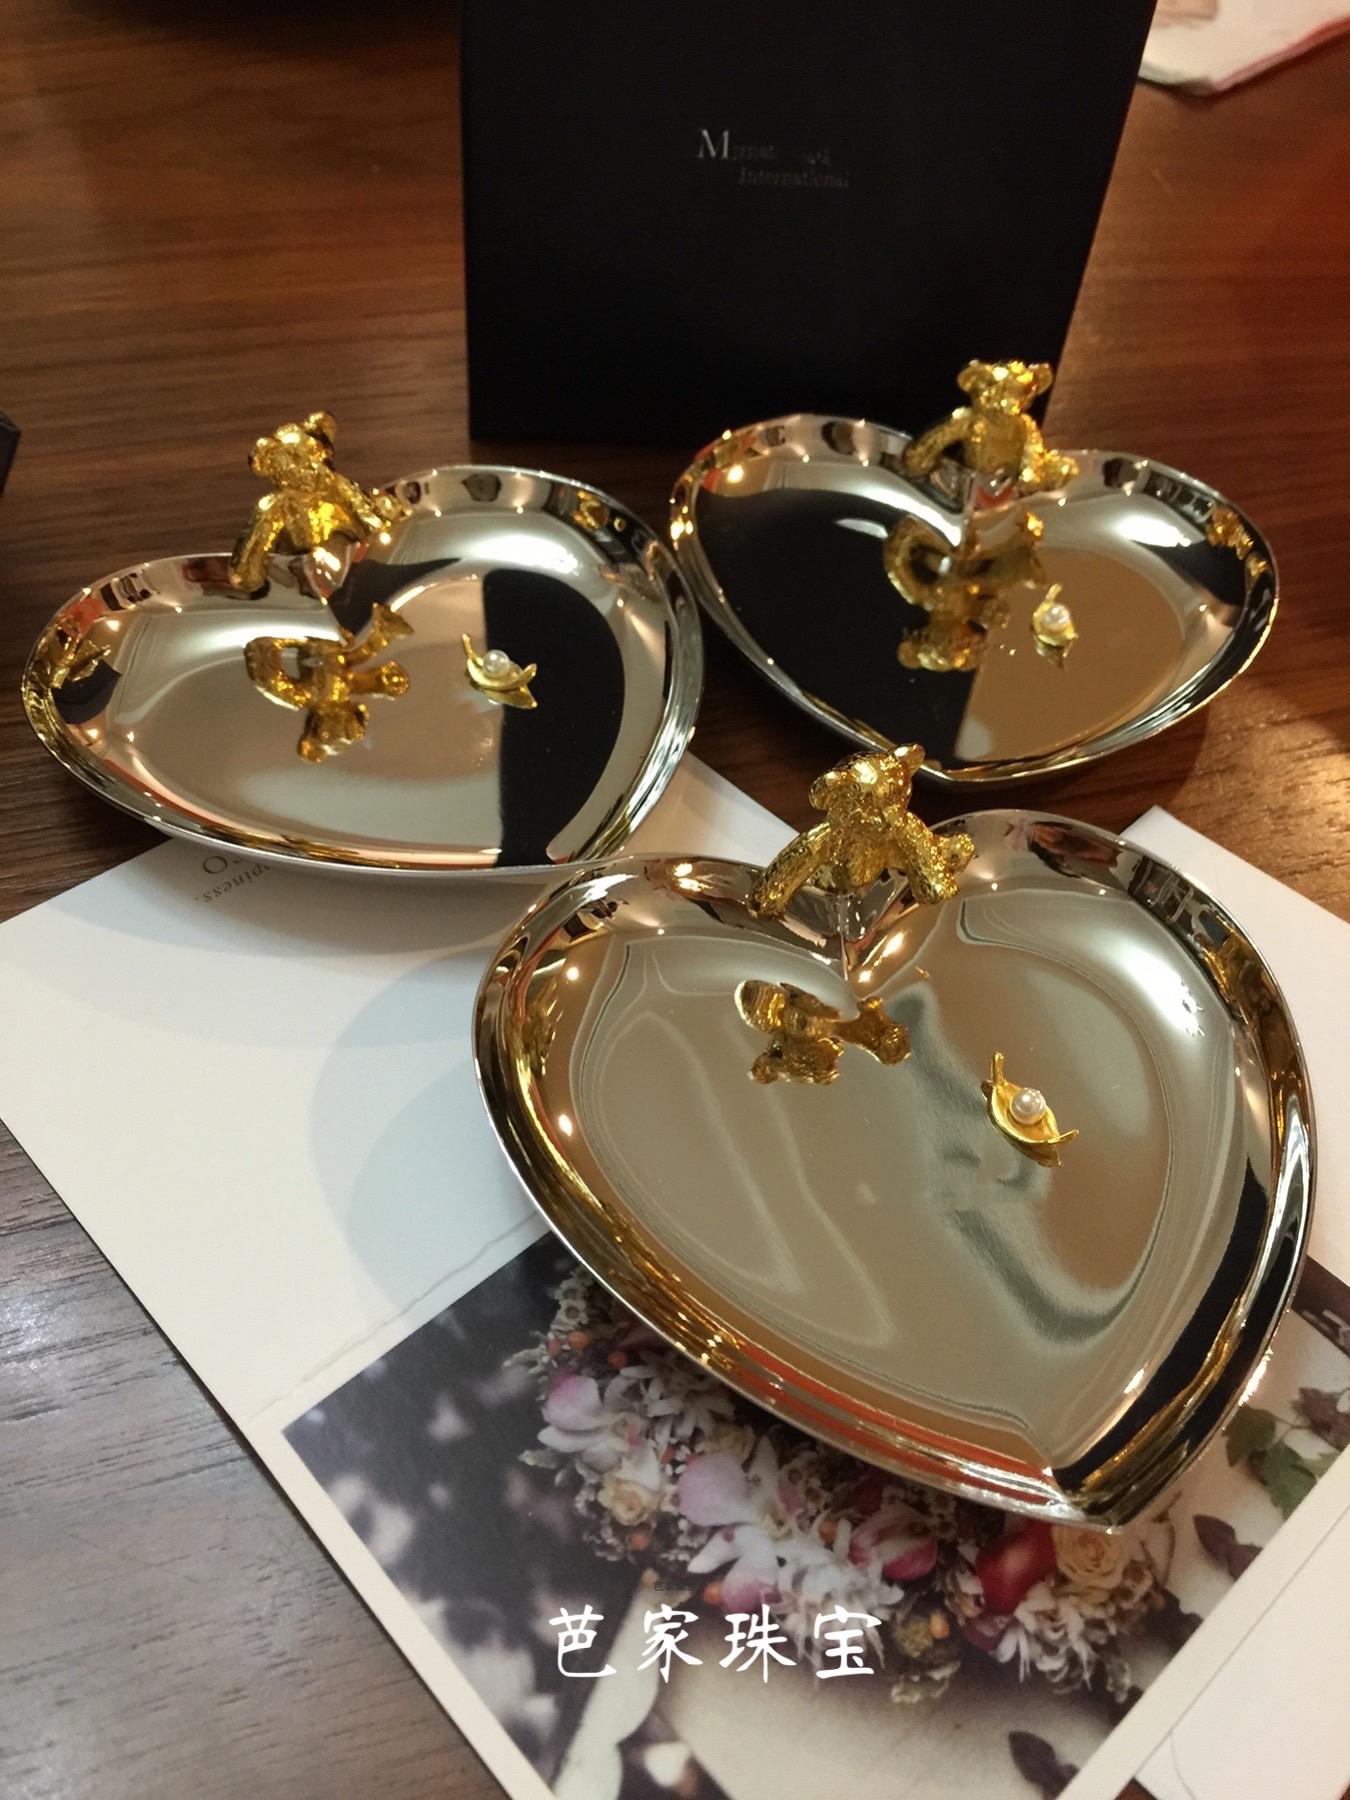 芭家珠宝 M家小熊爱心珍珠首饰盘展示架收纳盒拍摄道具礼品盘子